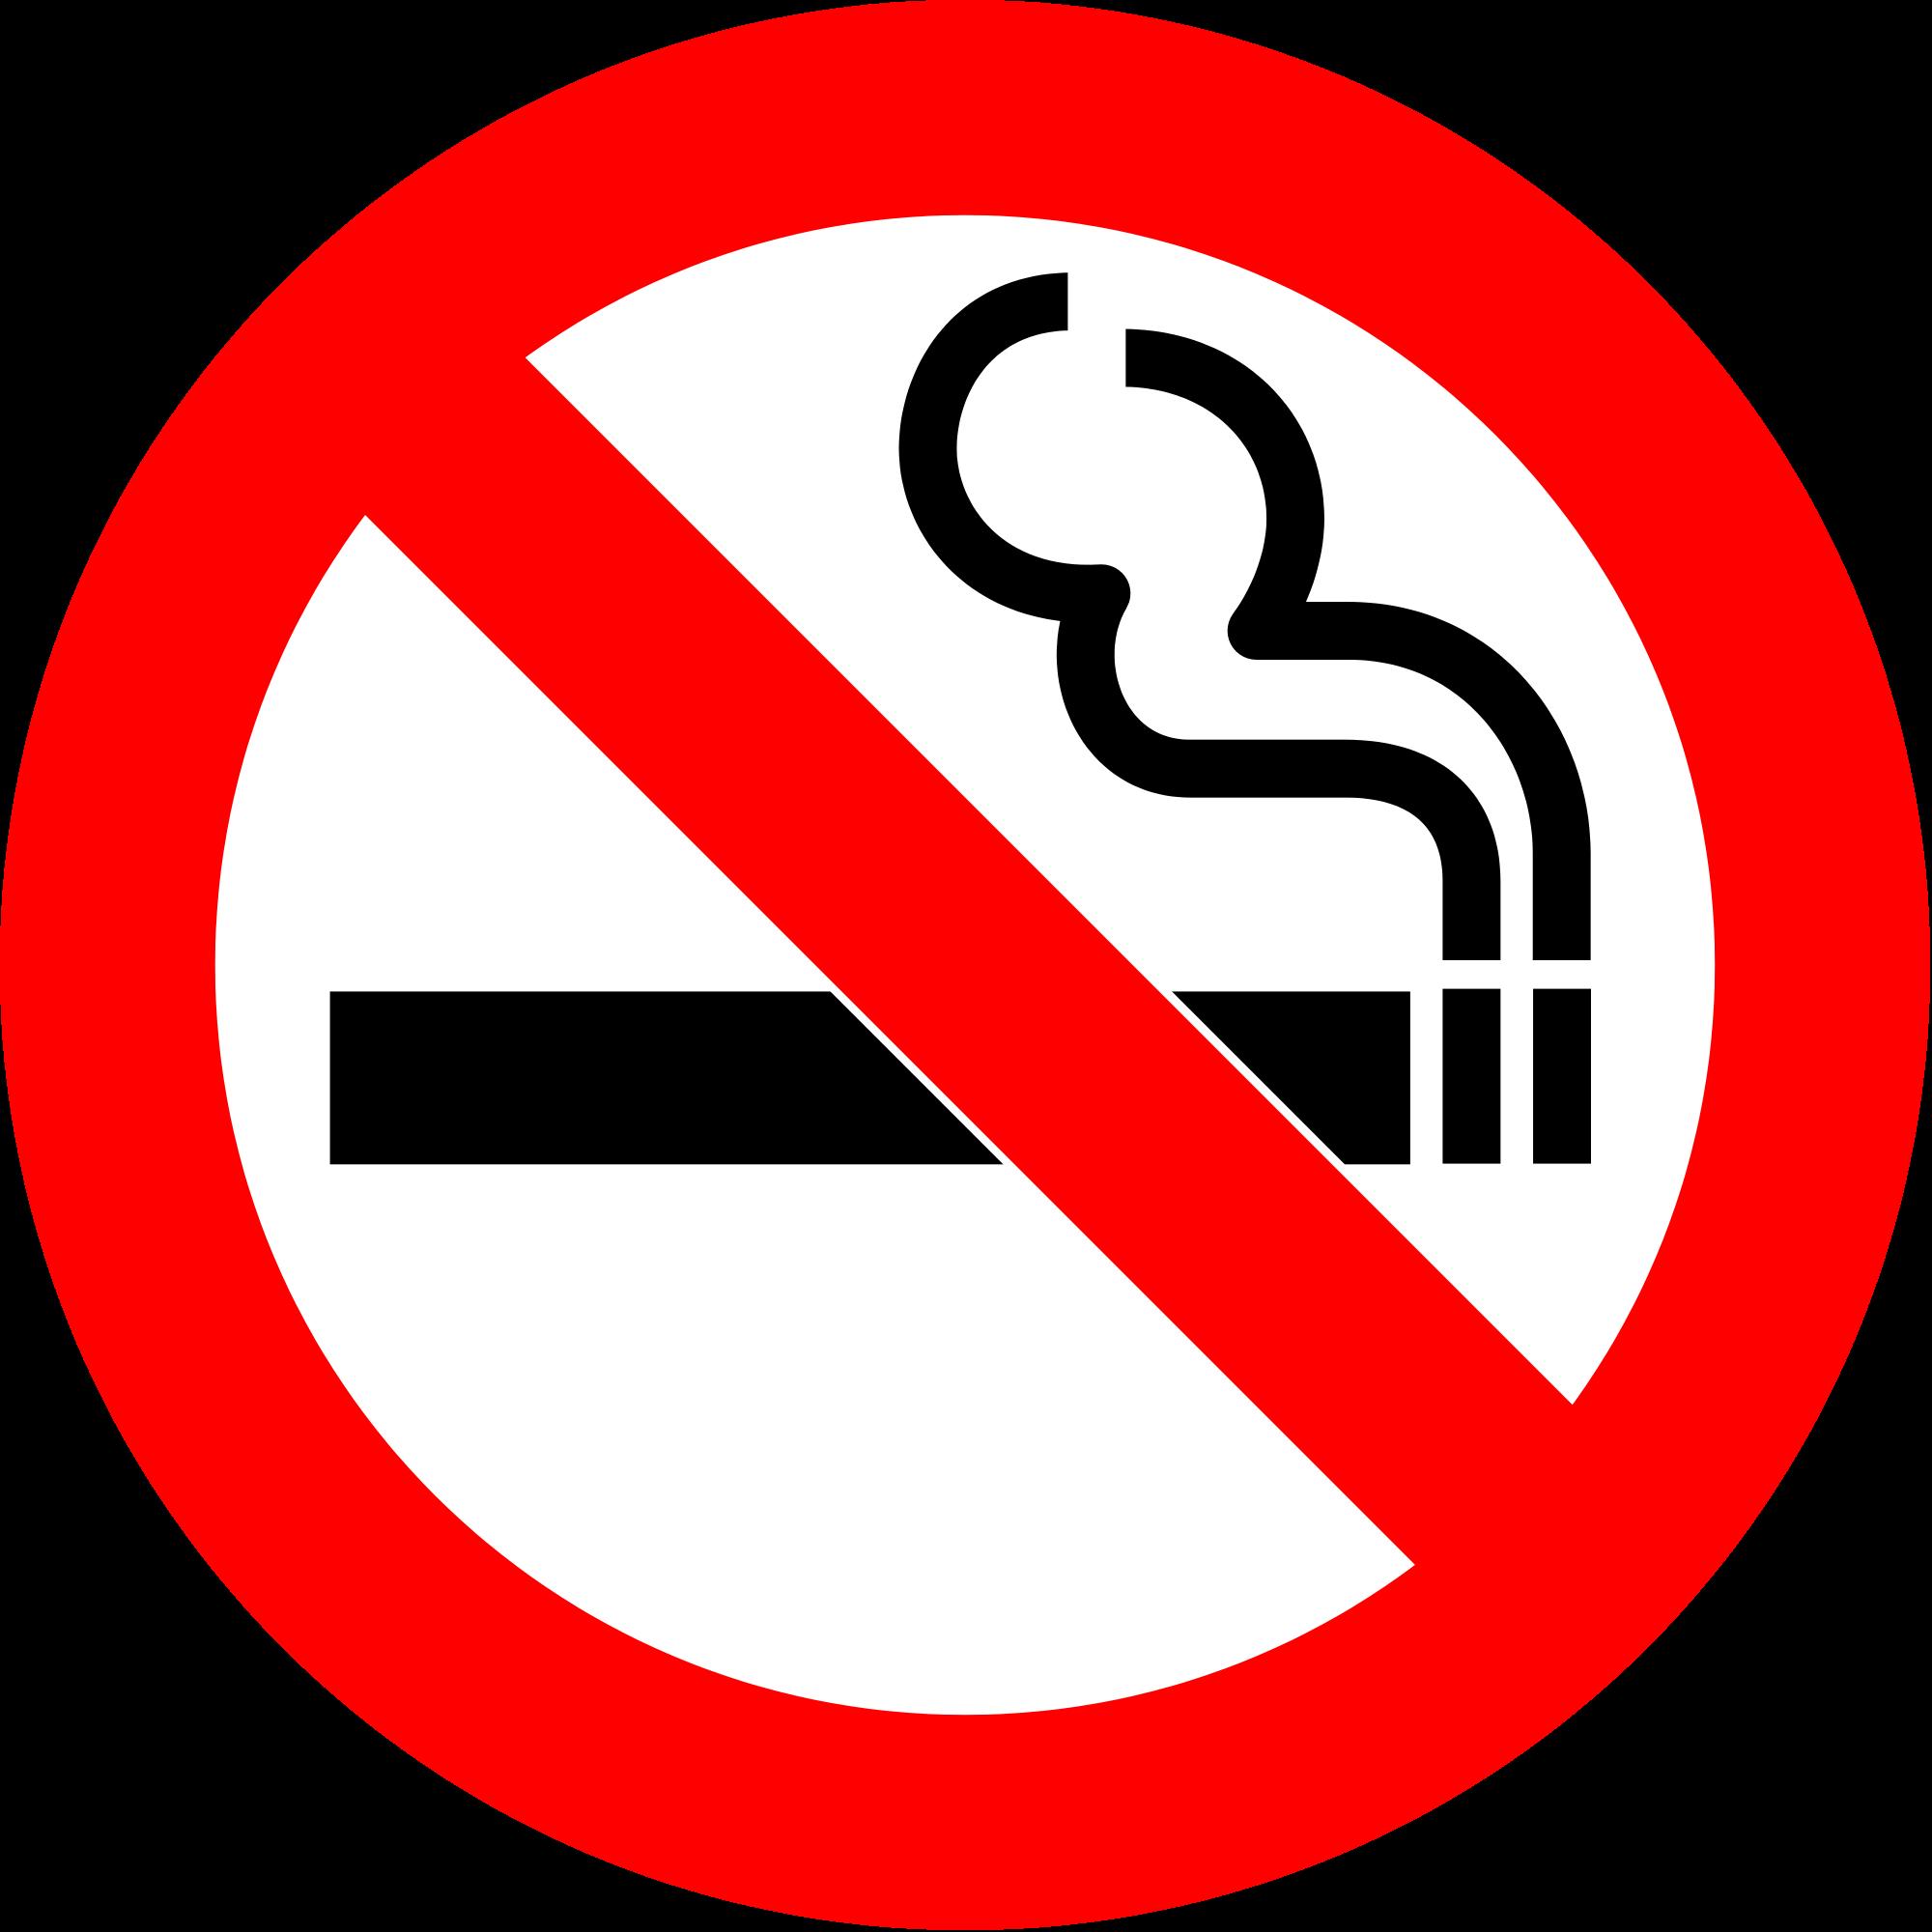 قانون حظر التدخين في الأماكن العامة